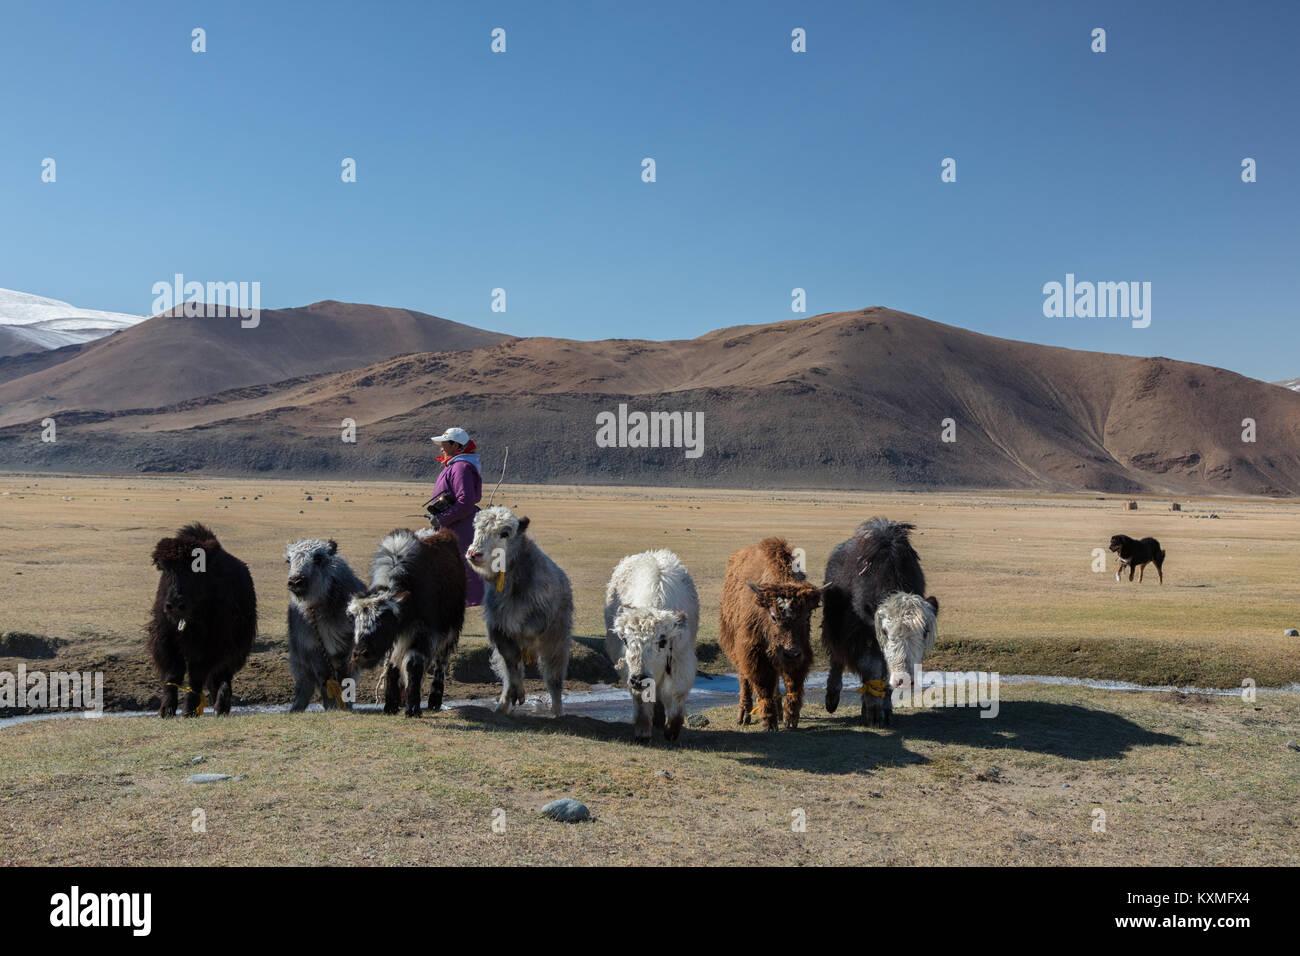 Blanco y negro mongol yaks perro pastor mujer herder Mongolia estepas invierno llanuras de pastizales Imagen De Stock